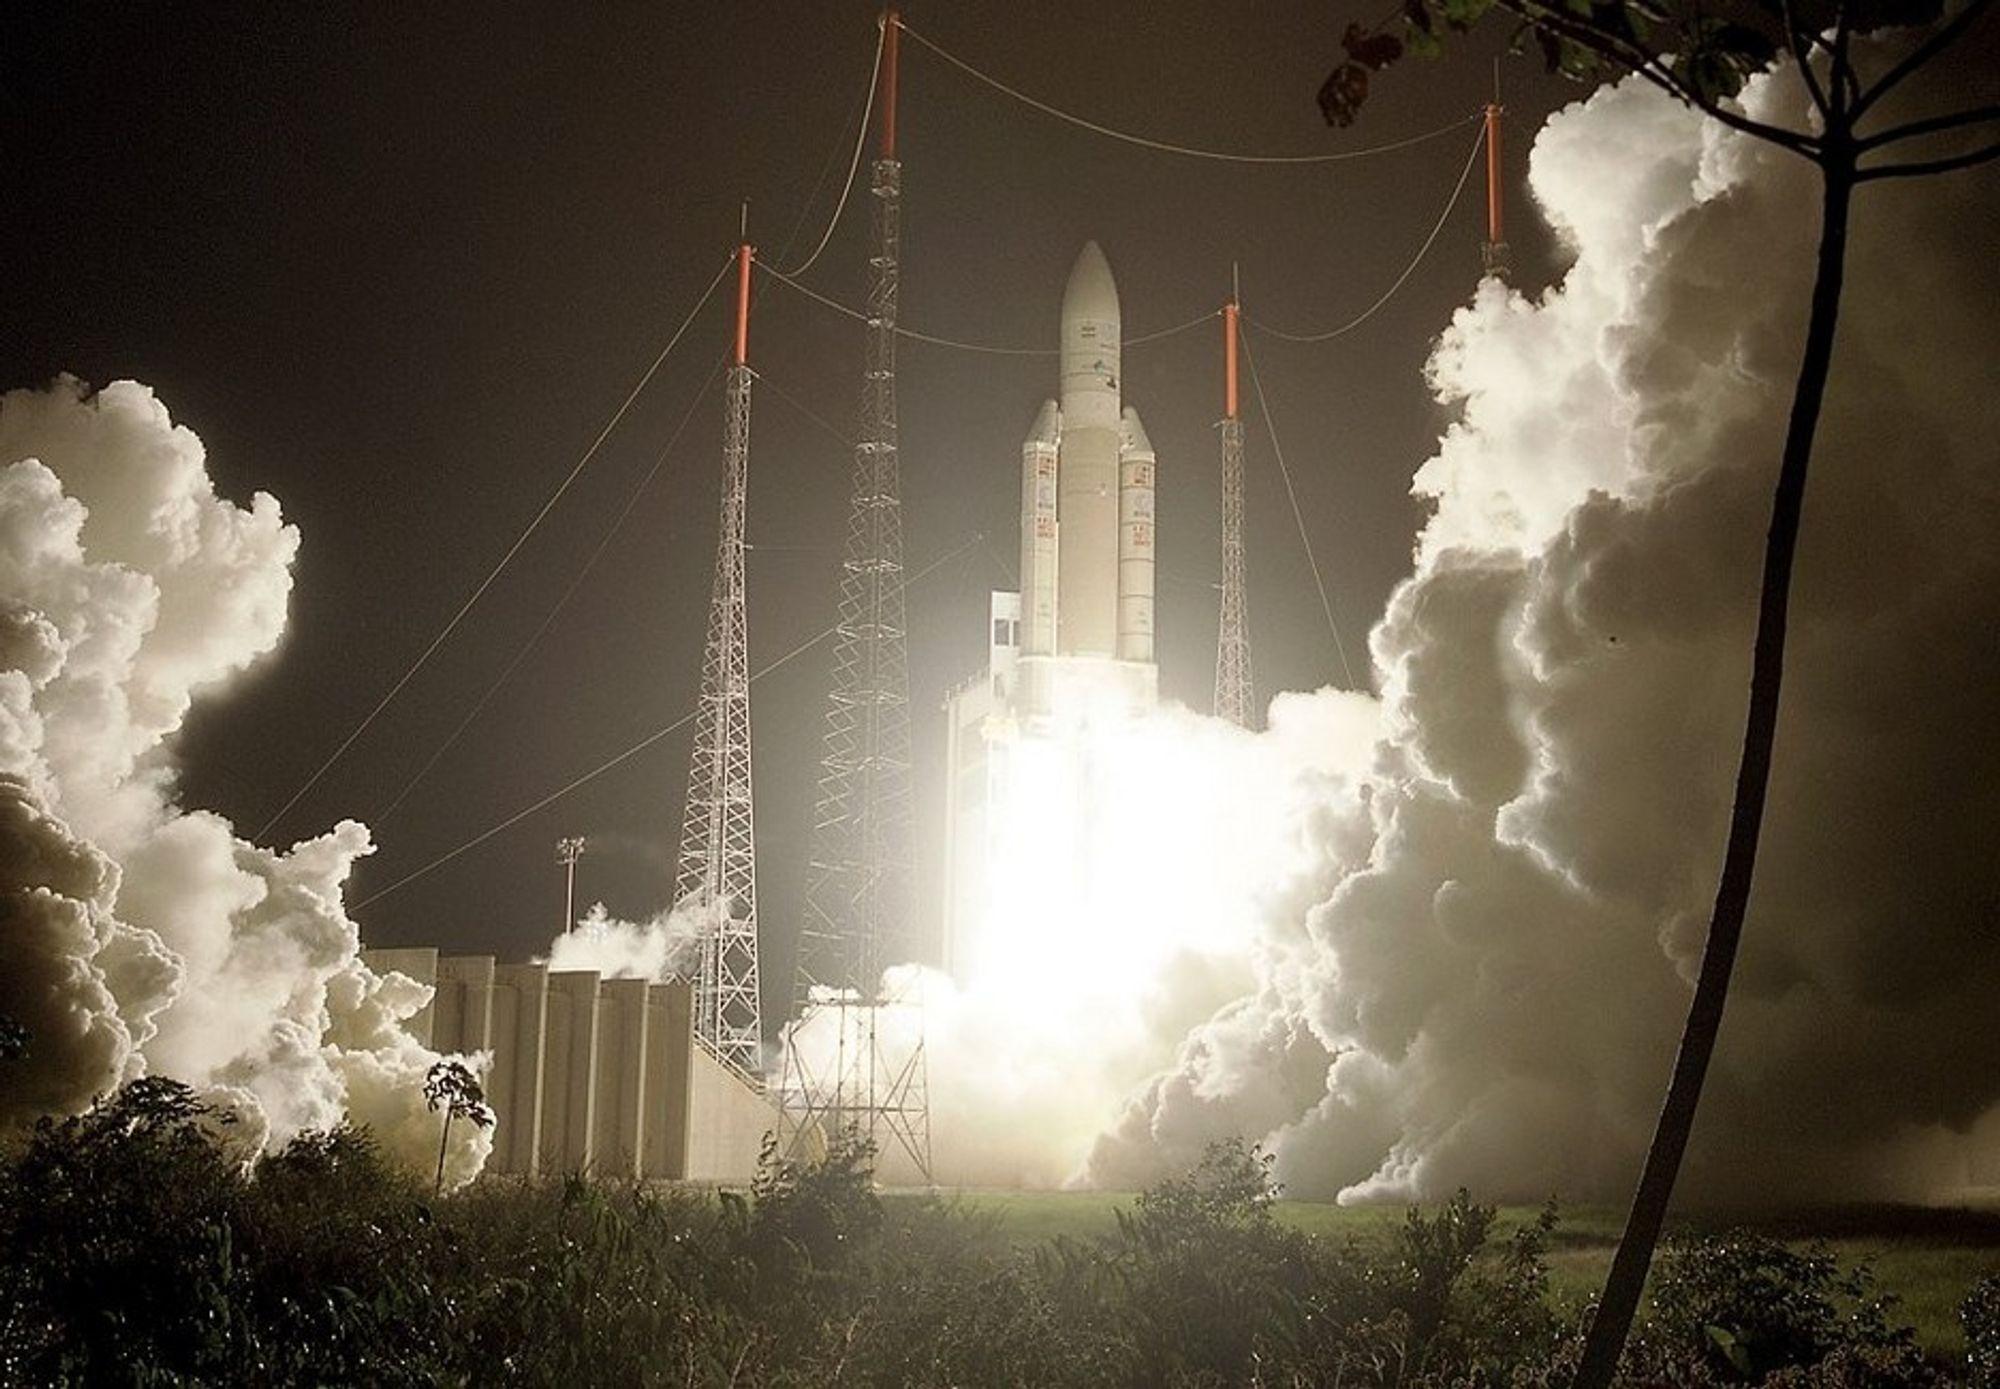 Norsk industri har vært delaktige i utviklingen av Ariane 5, den tyngste kommersielle satellitten som er plassert i geostasjonær bane.